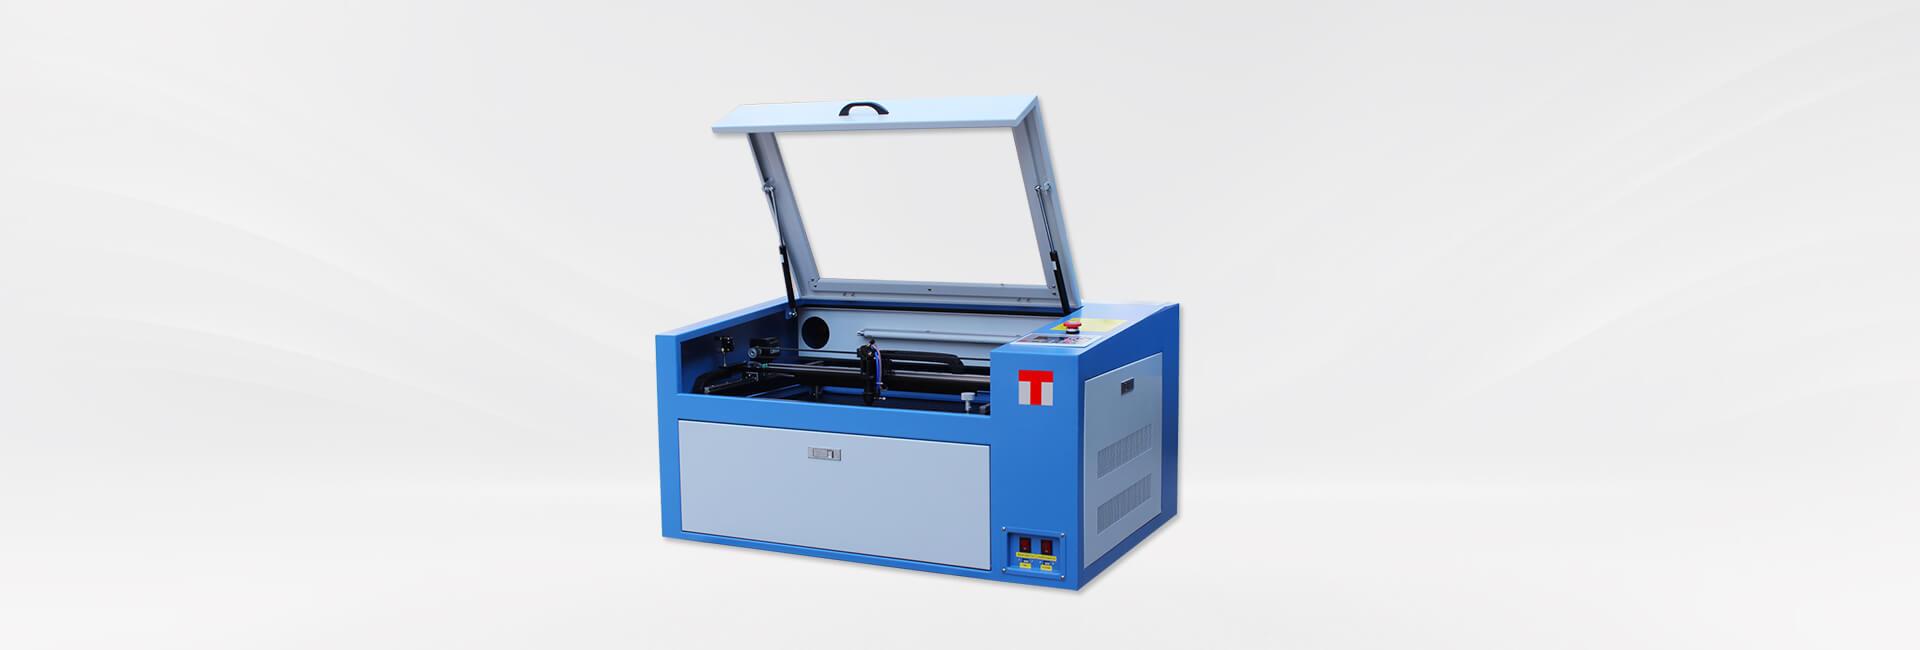 小型激光雕刻切割机